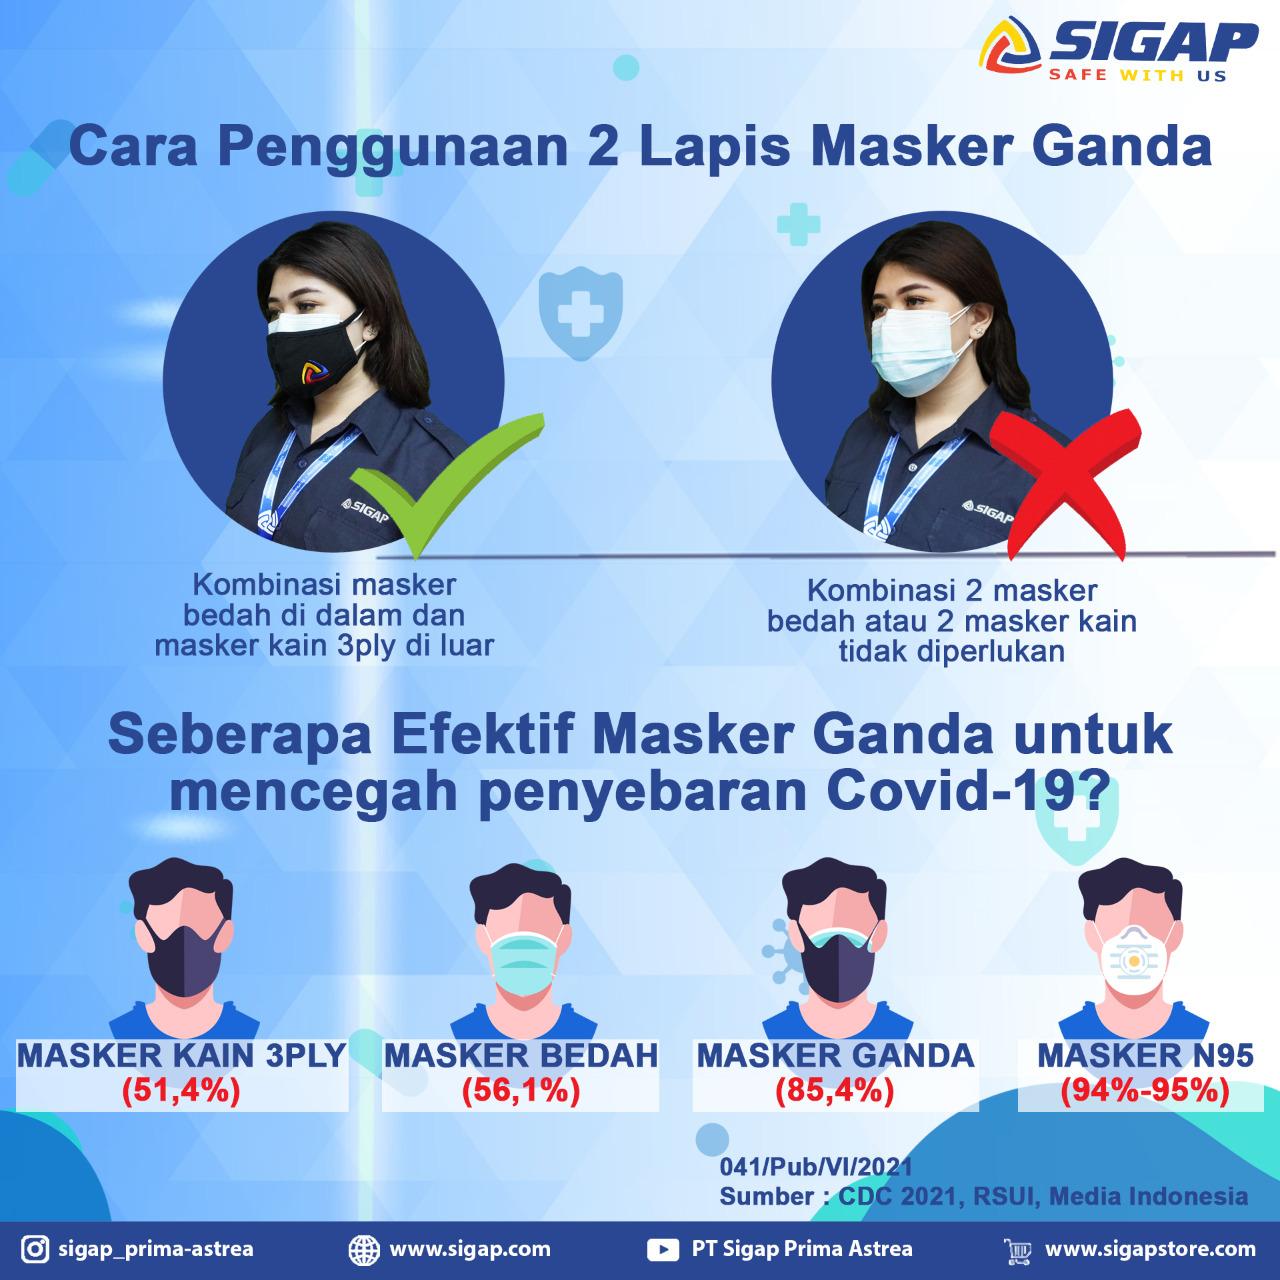 Cara Penggunaan 2 Lapis Masker